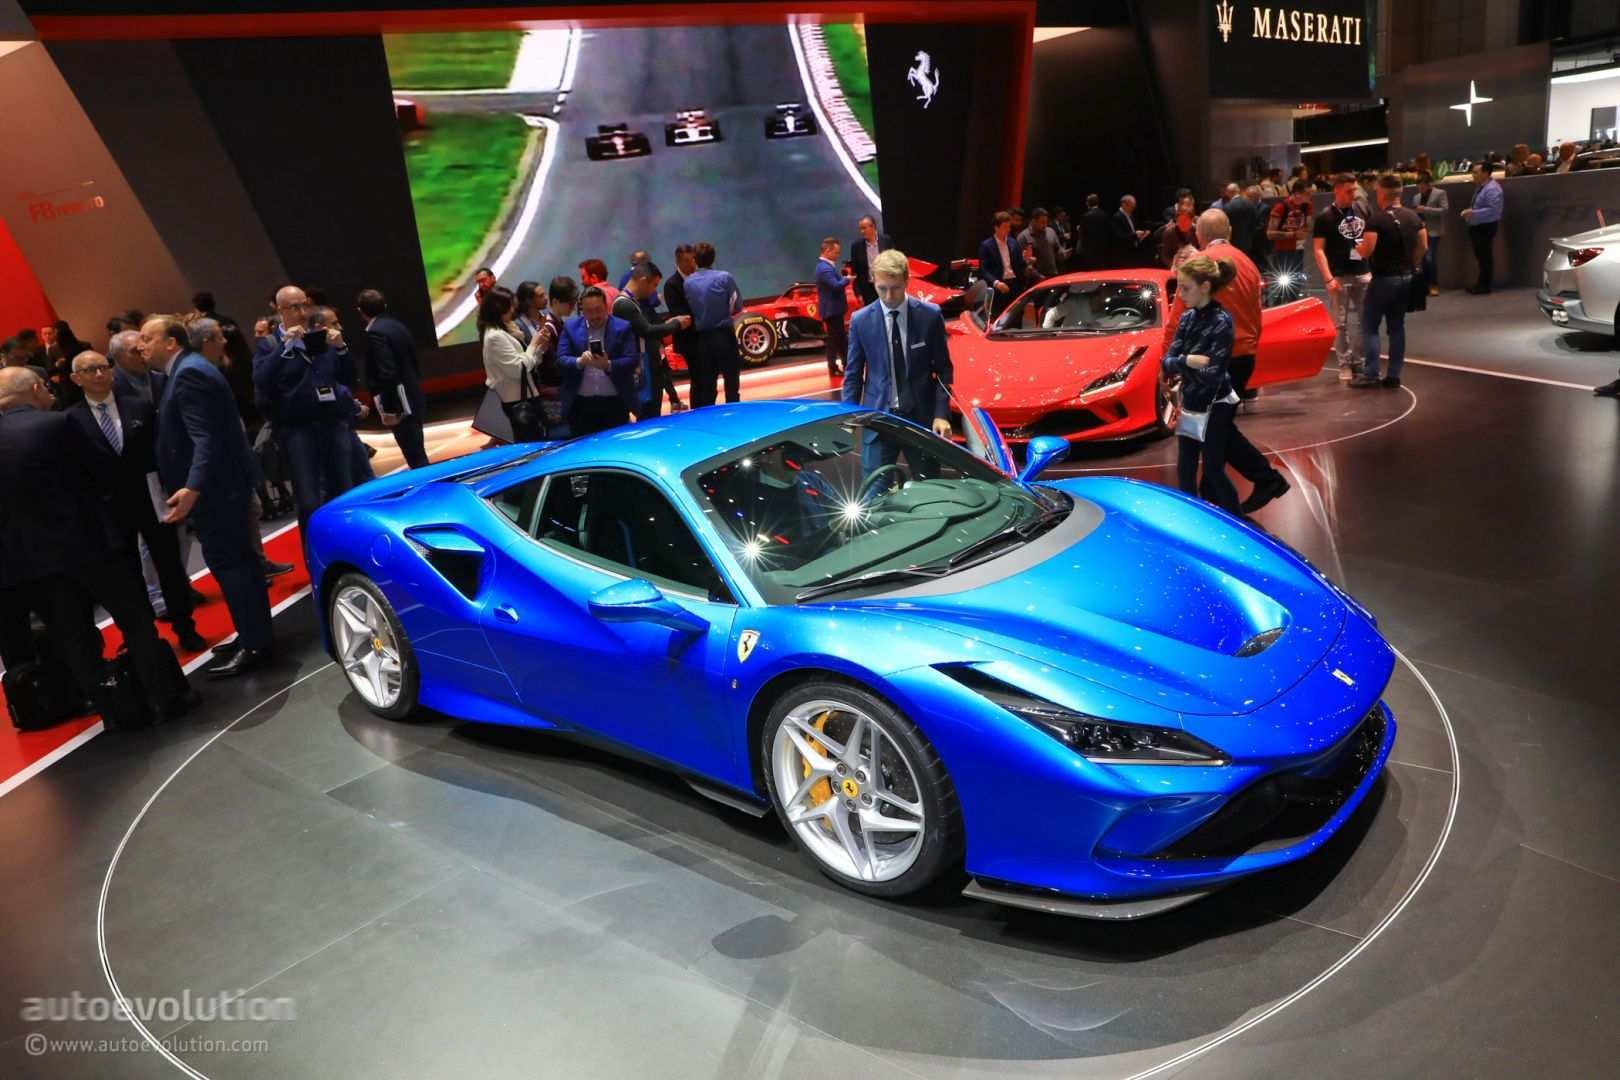 11 The Ferrari W 2020 New Concept with Ferrari W 2020